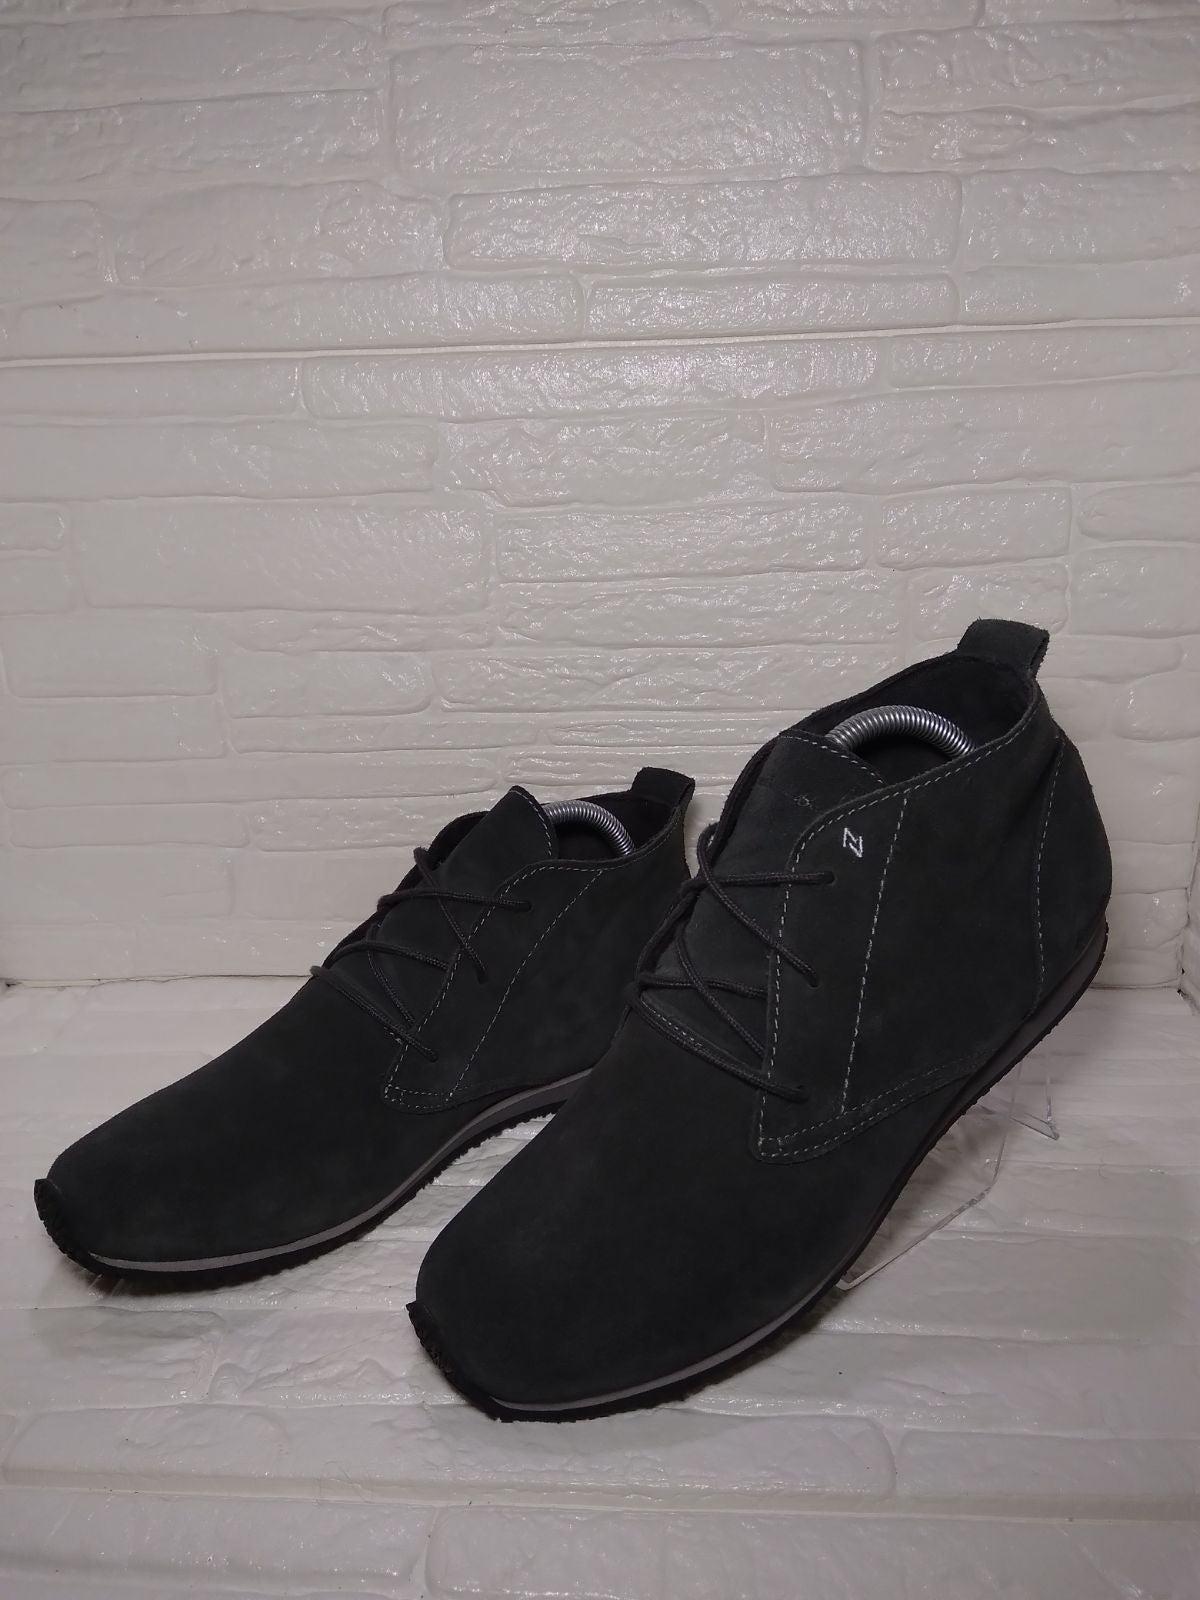 eddie bauer chukka shoes